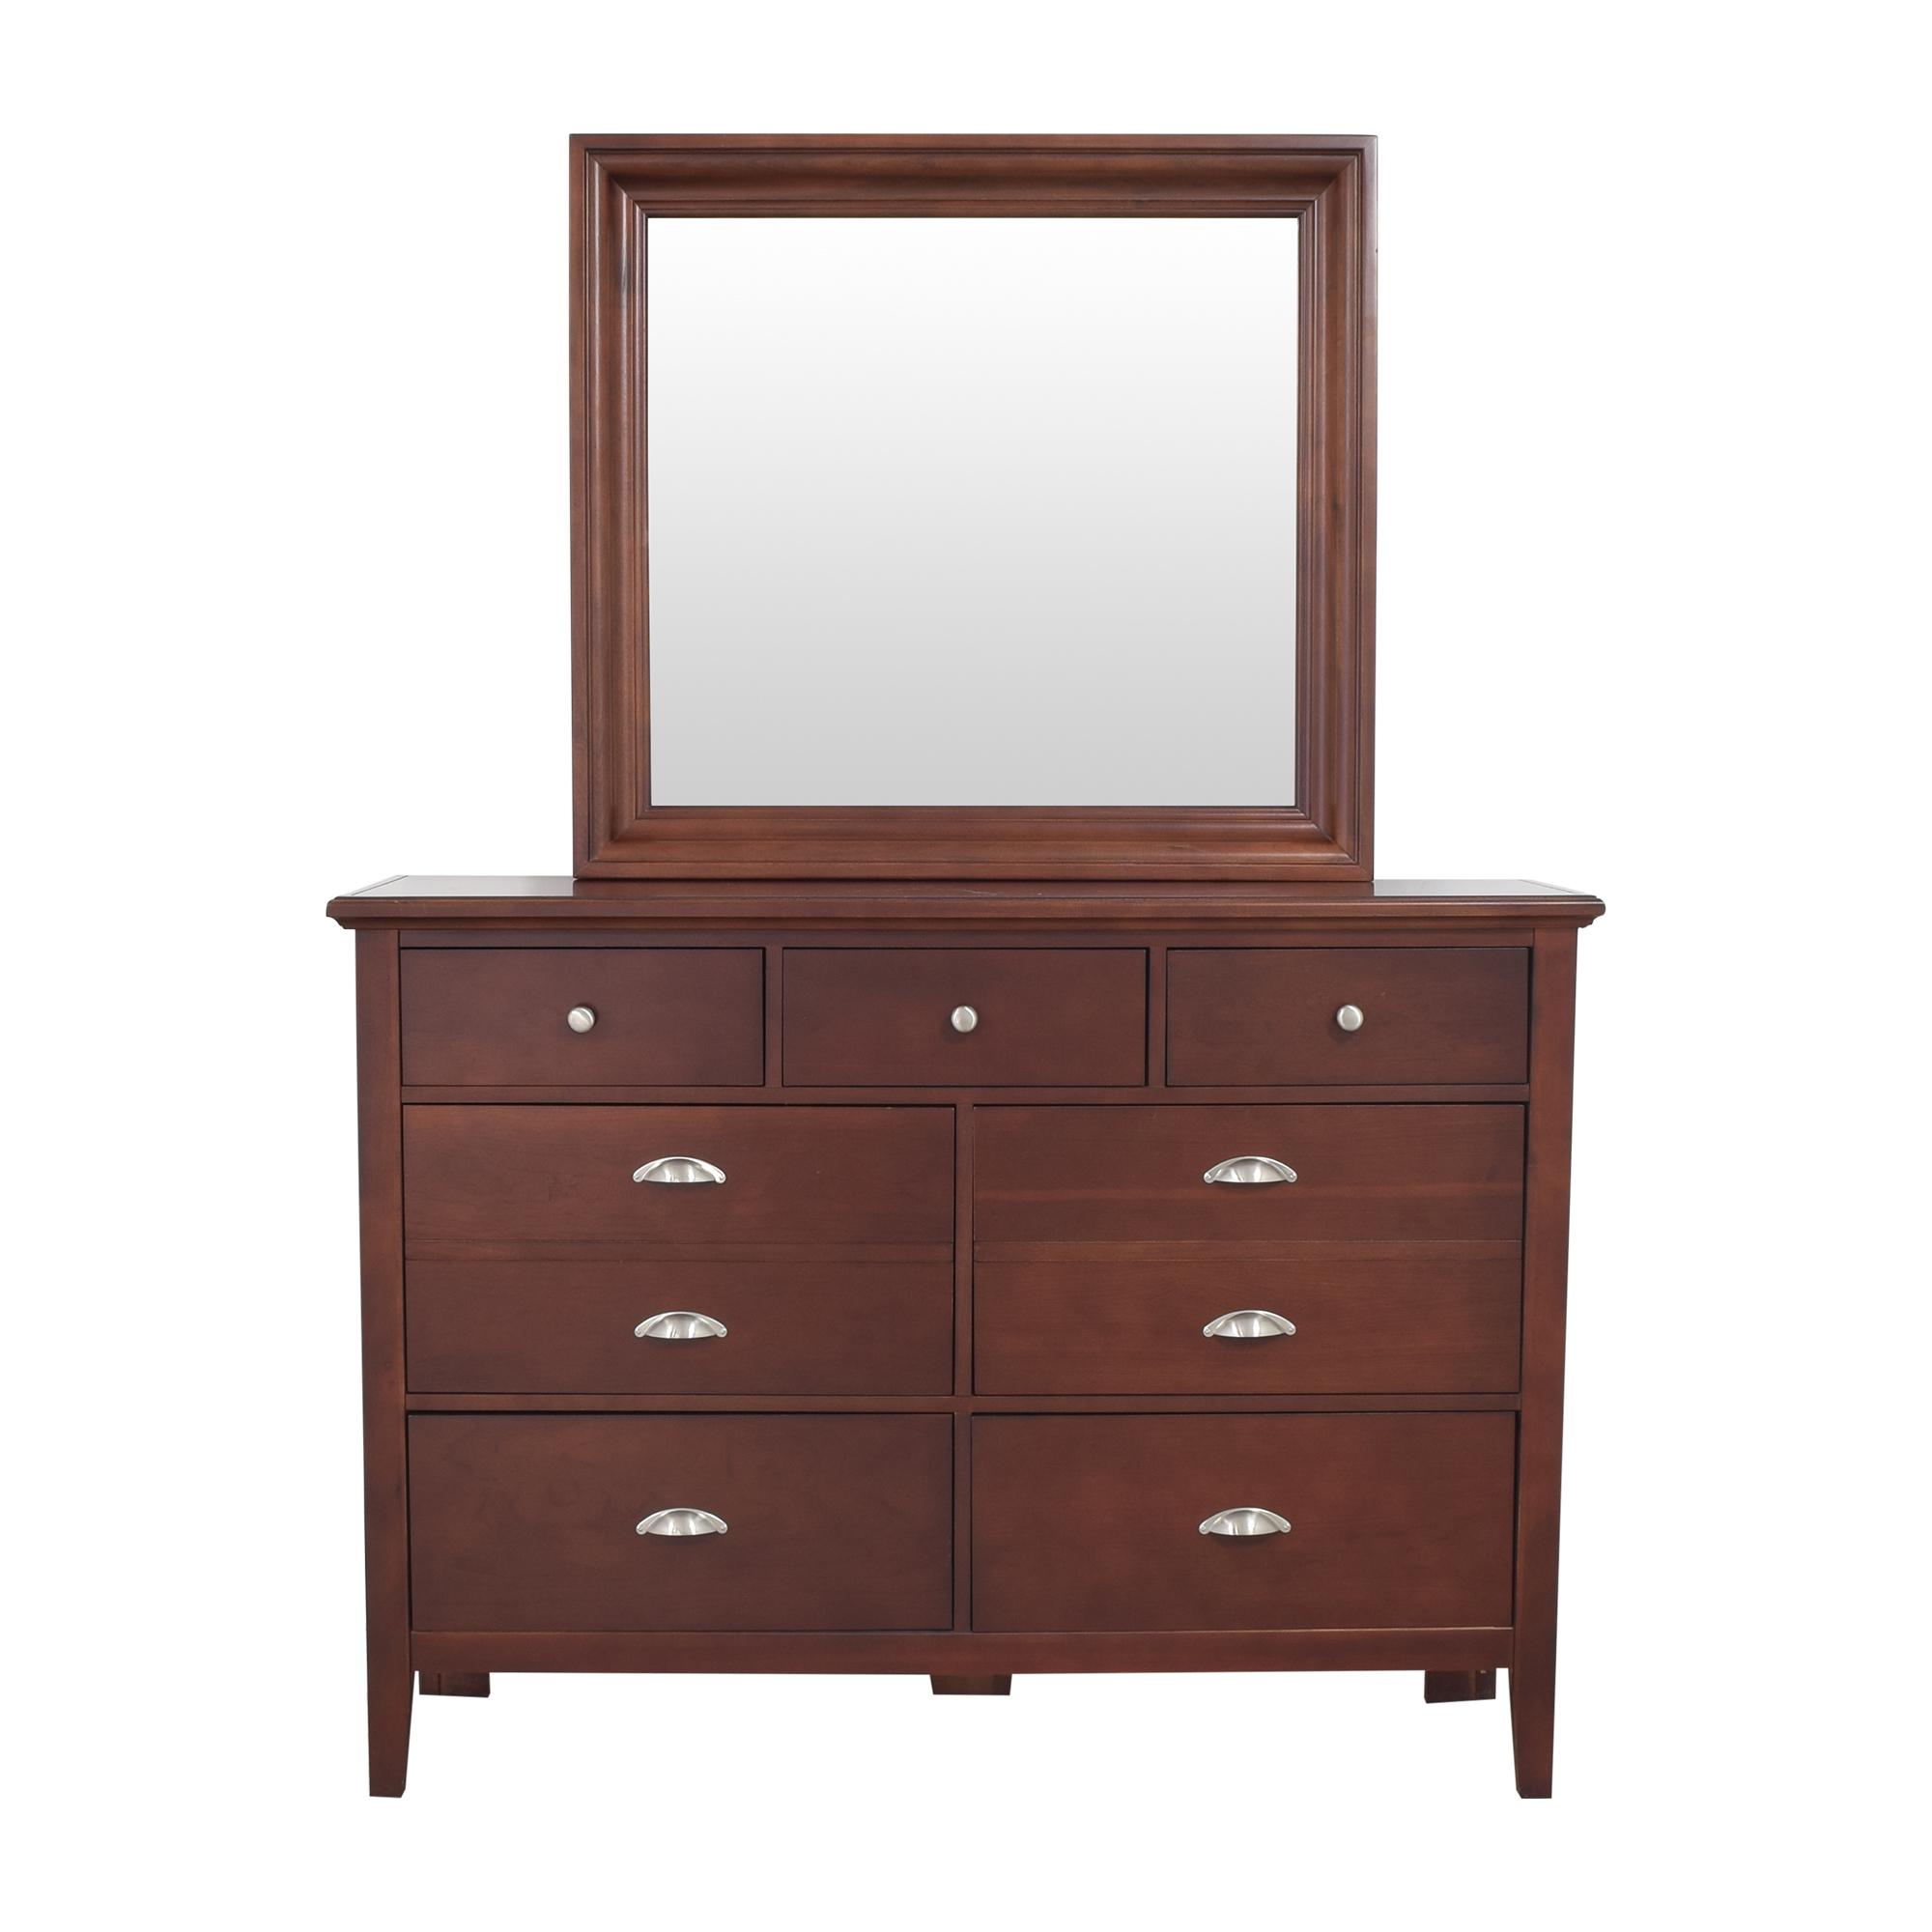 Vaughan-Bassett Vaughan-Bassett Twilight Triple Dresser with Mirror discount